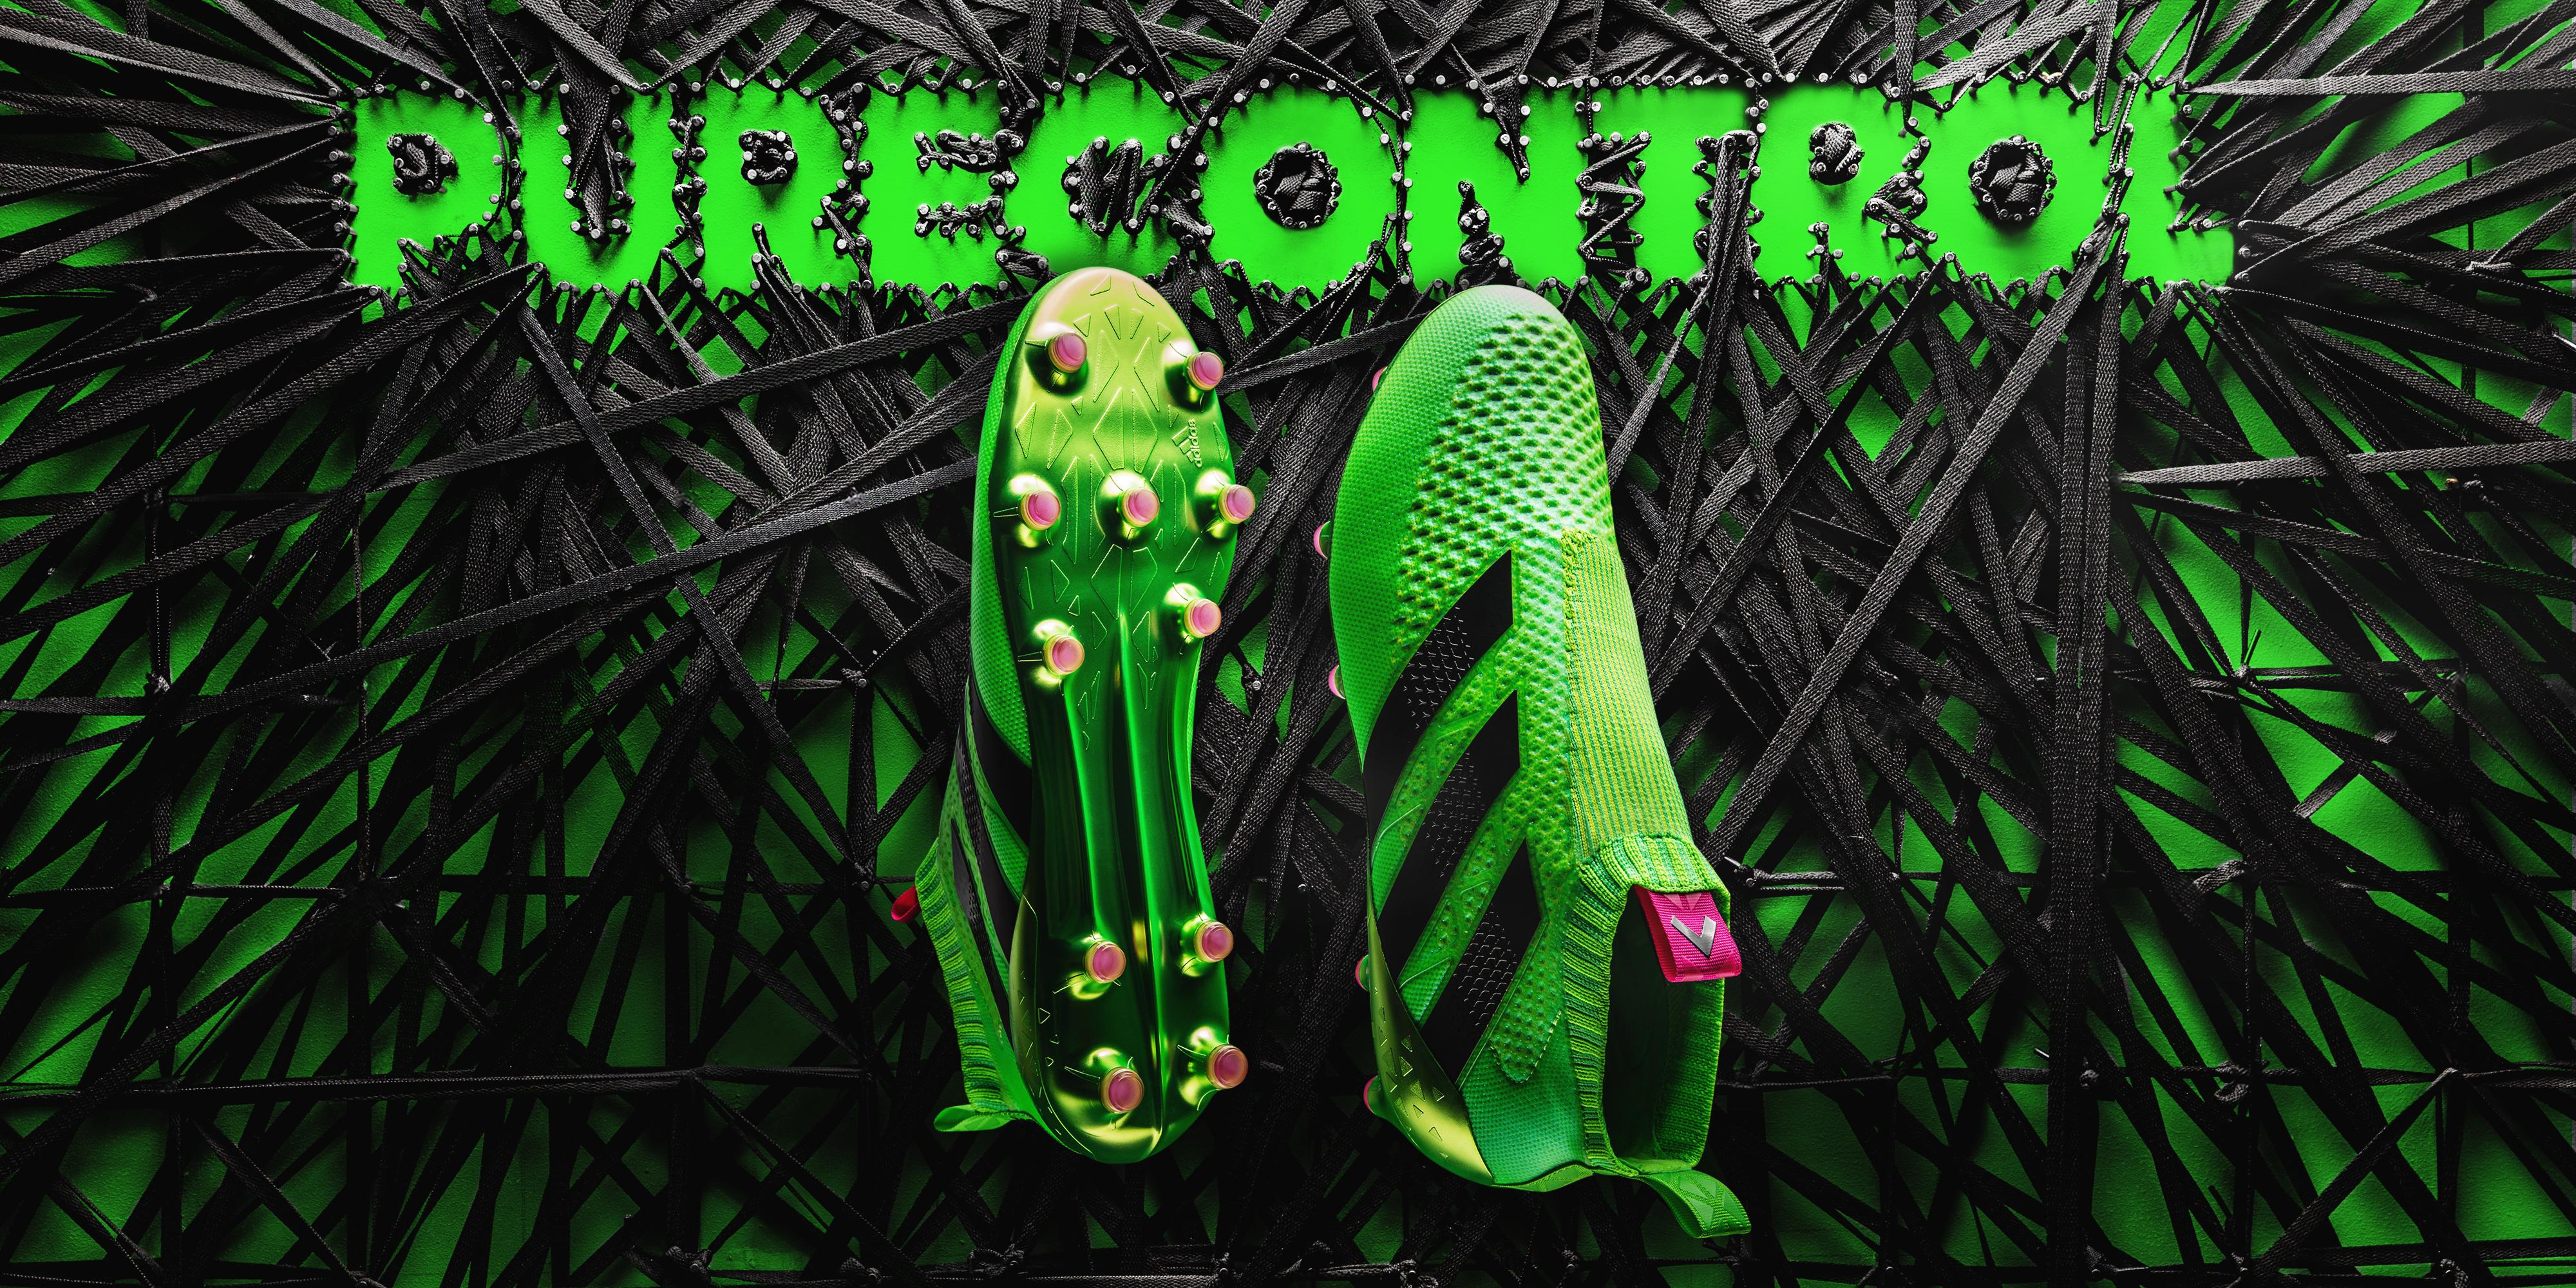 Le scarpe che rivoluzionano il calcio